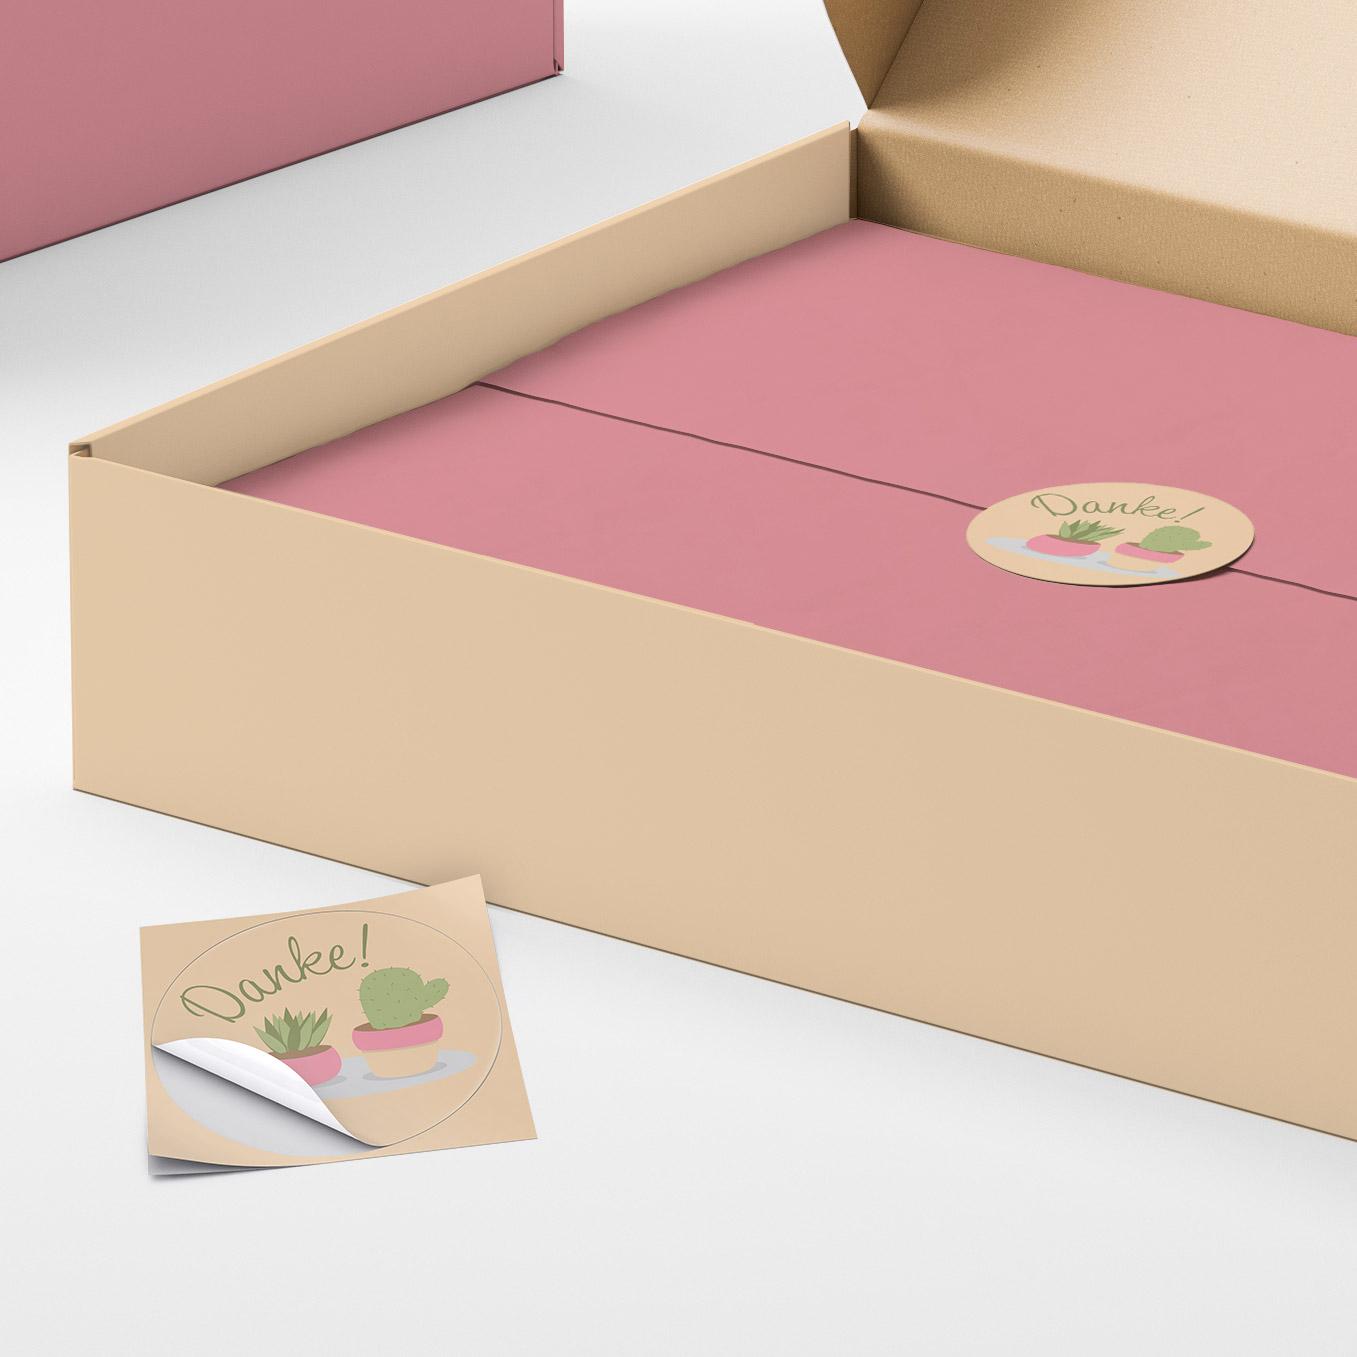 Etiketten als Verpackungsaufkleber